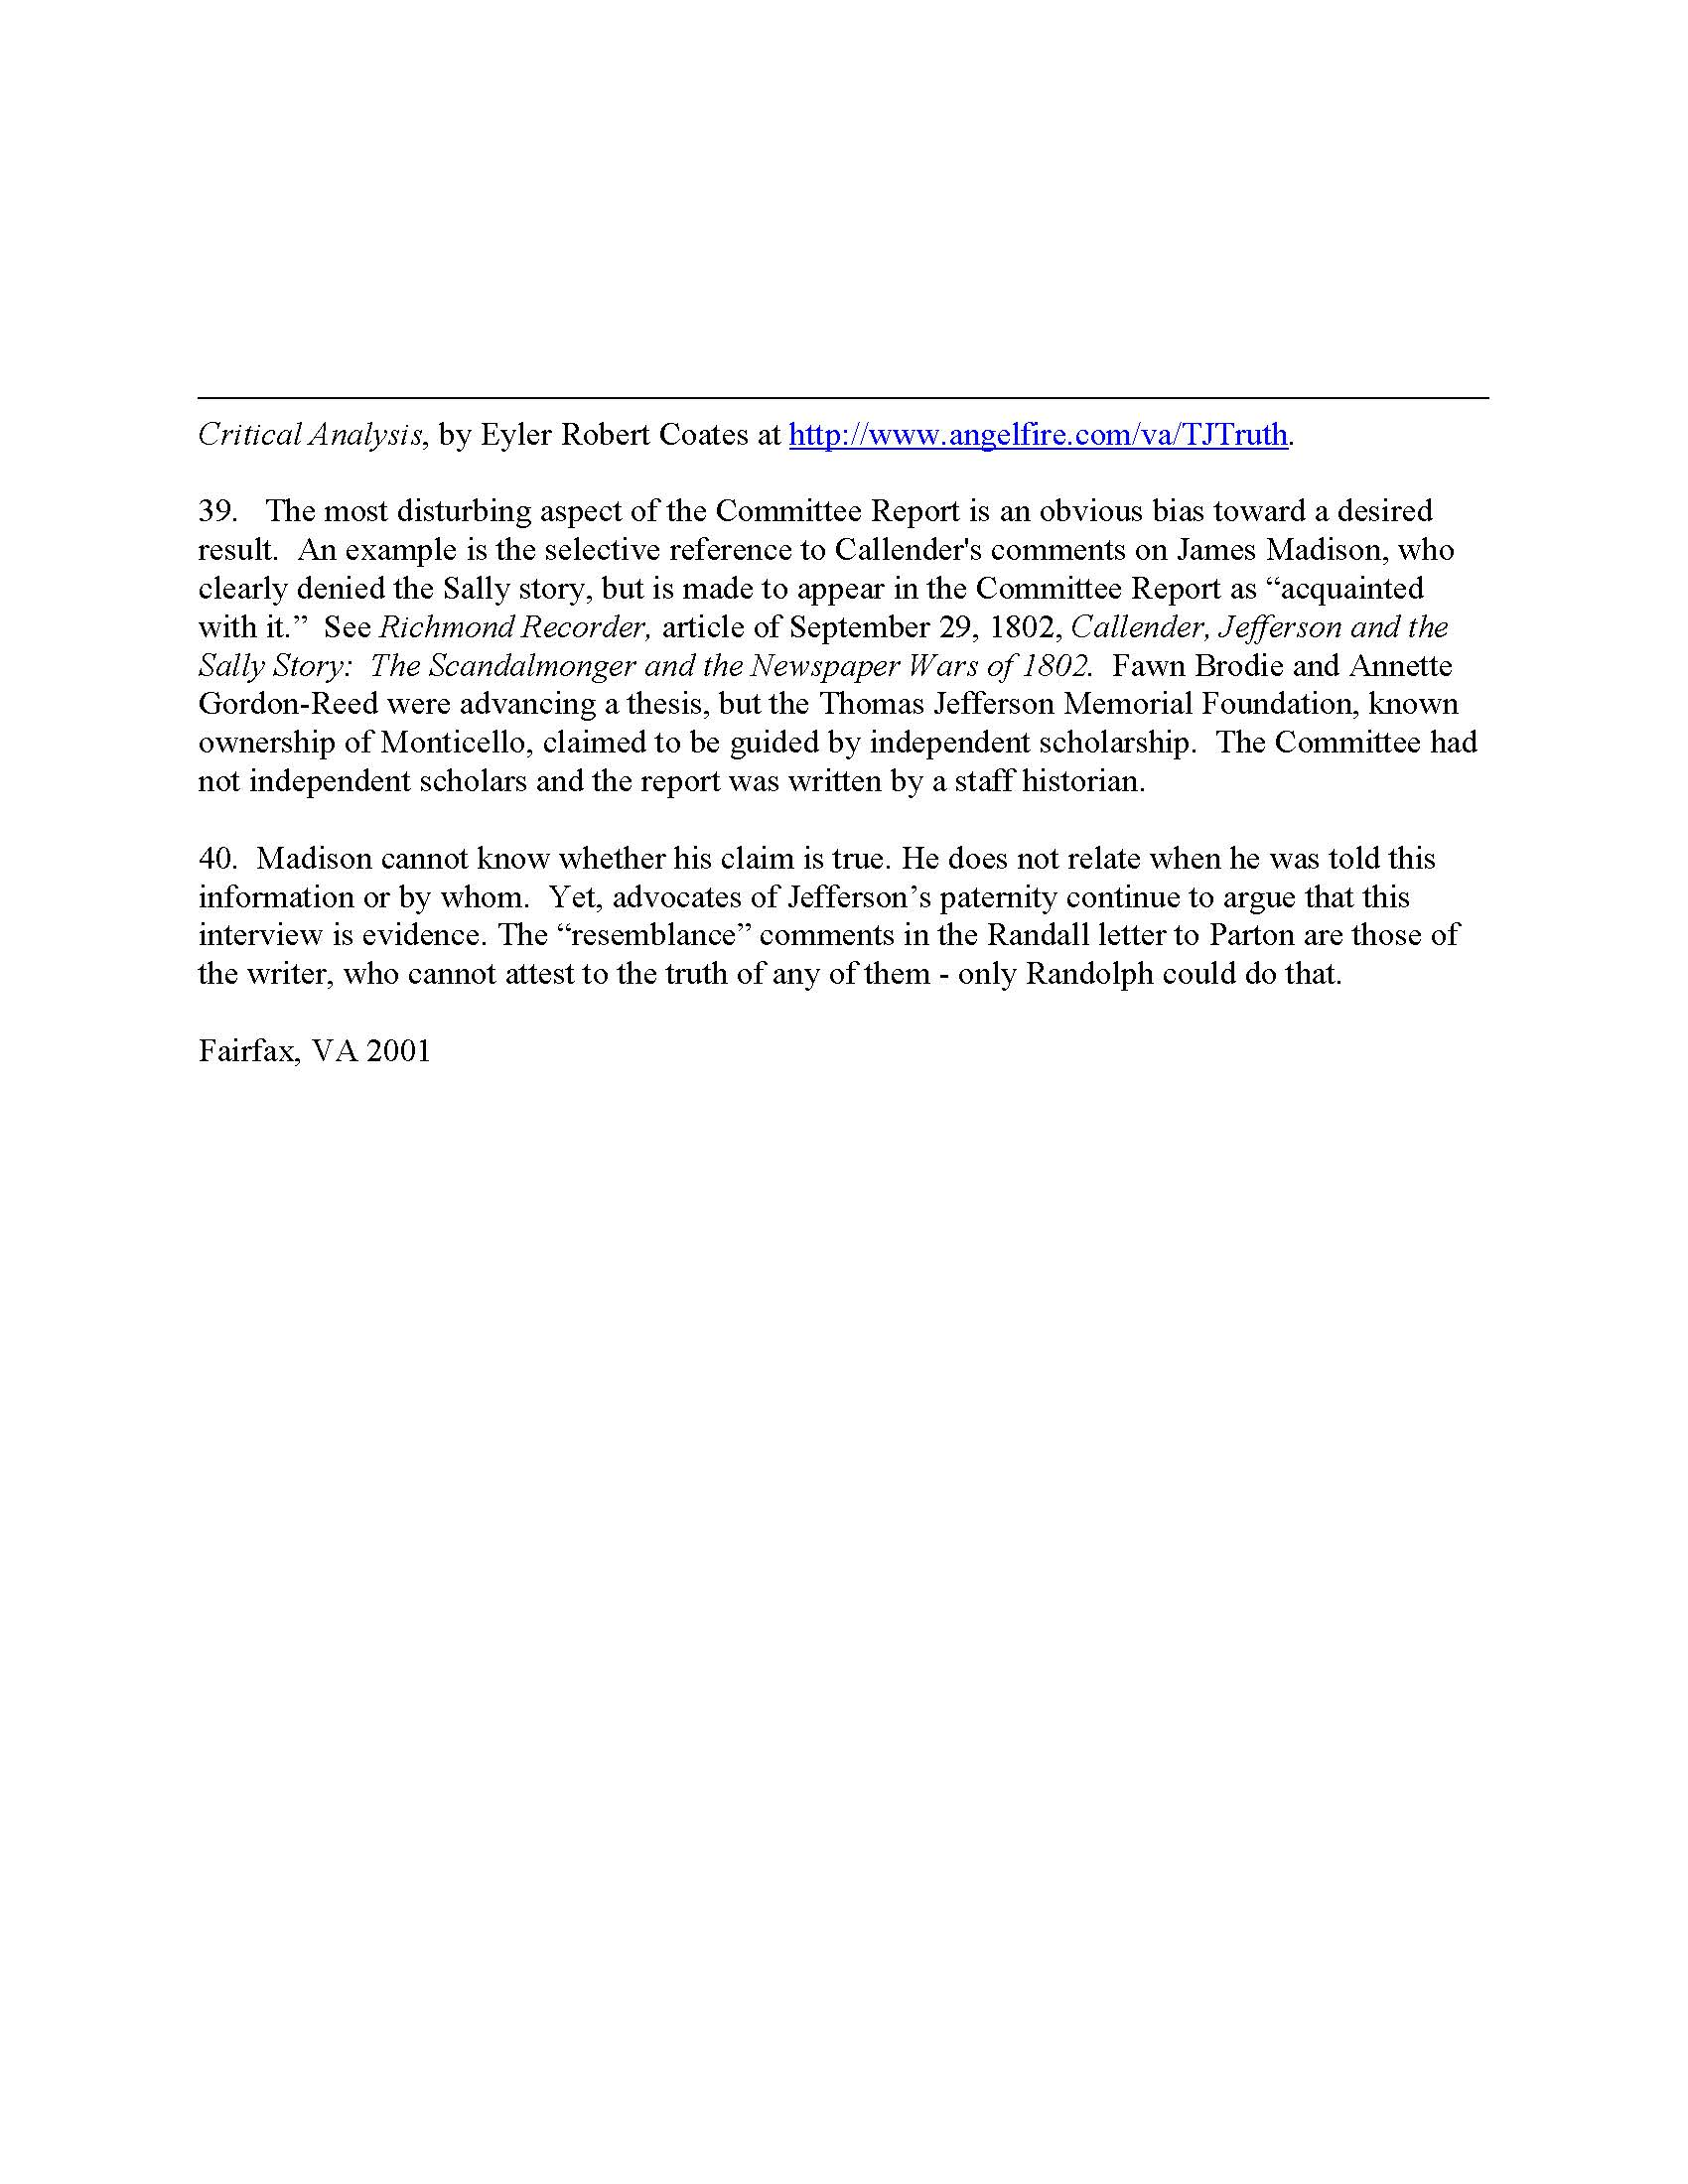 TrialAnalysis_Page_26.jpg